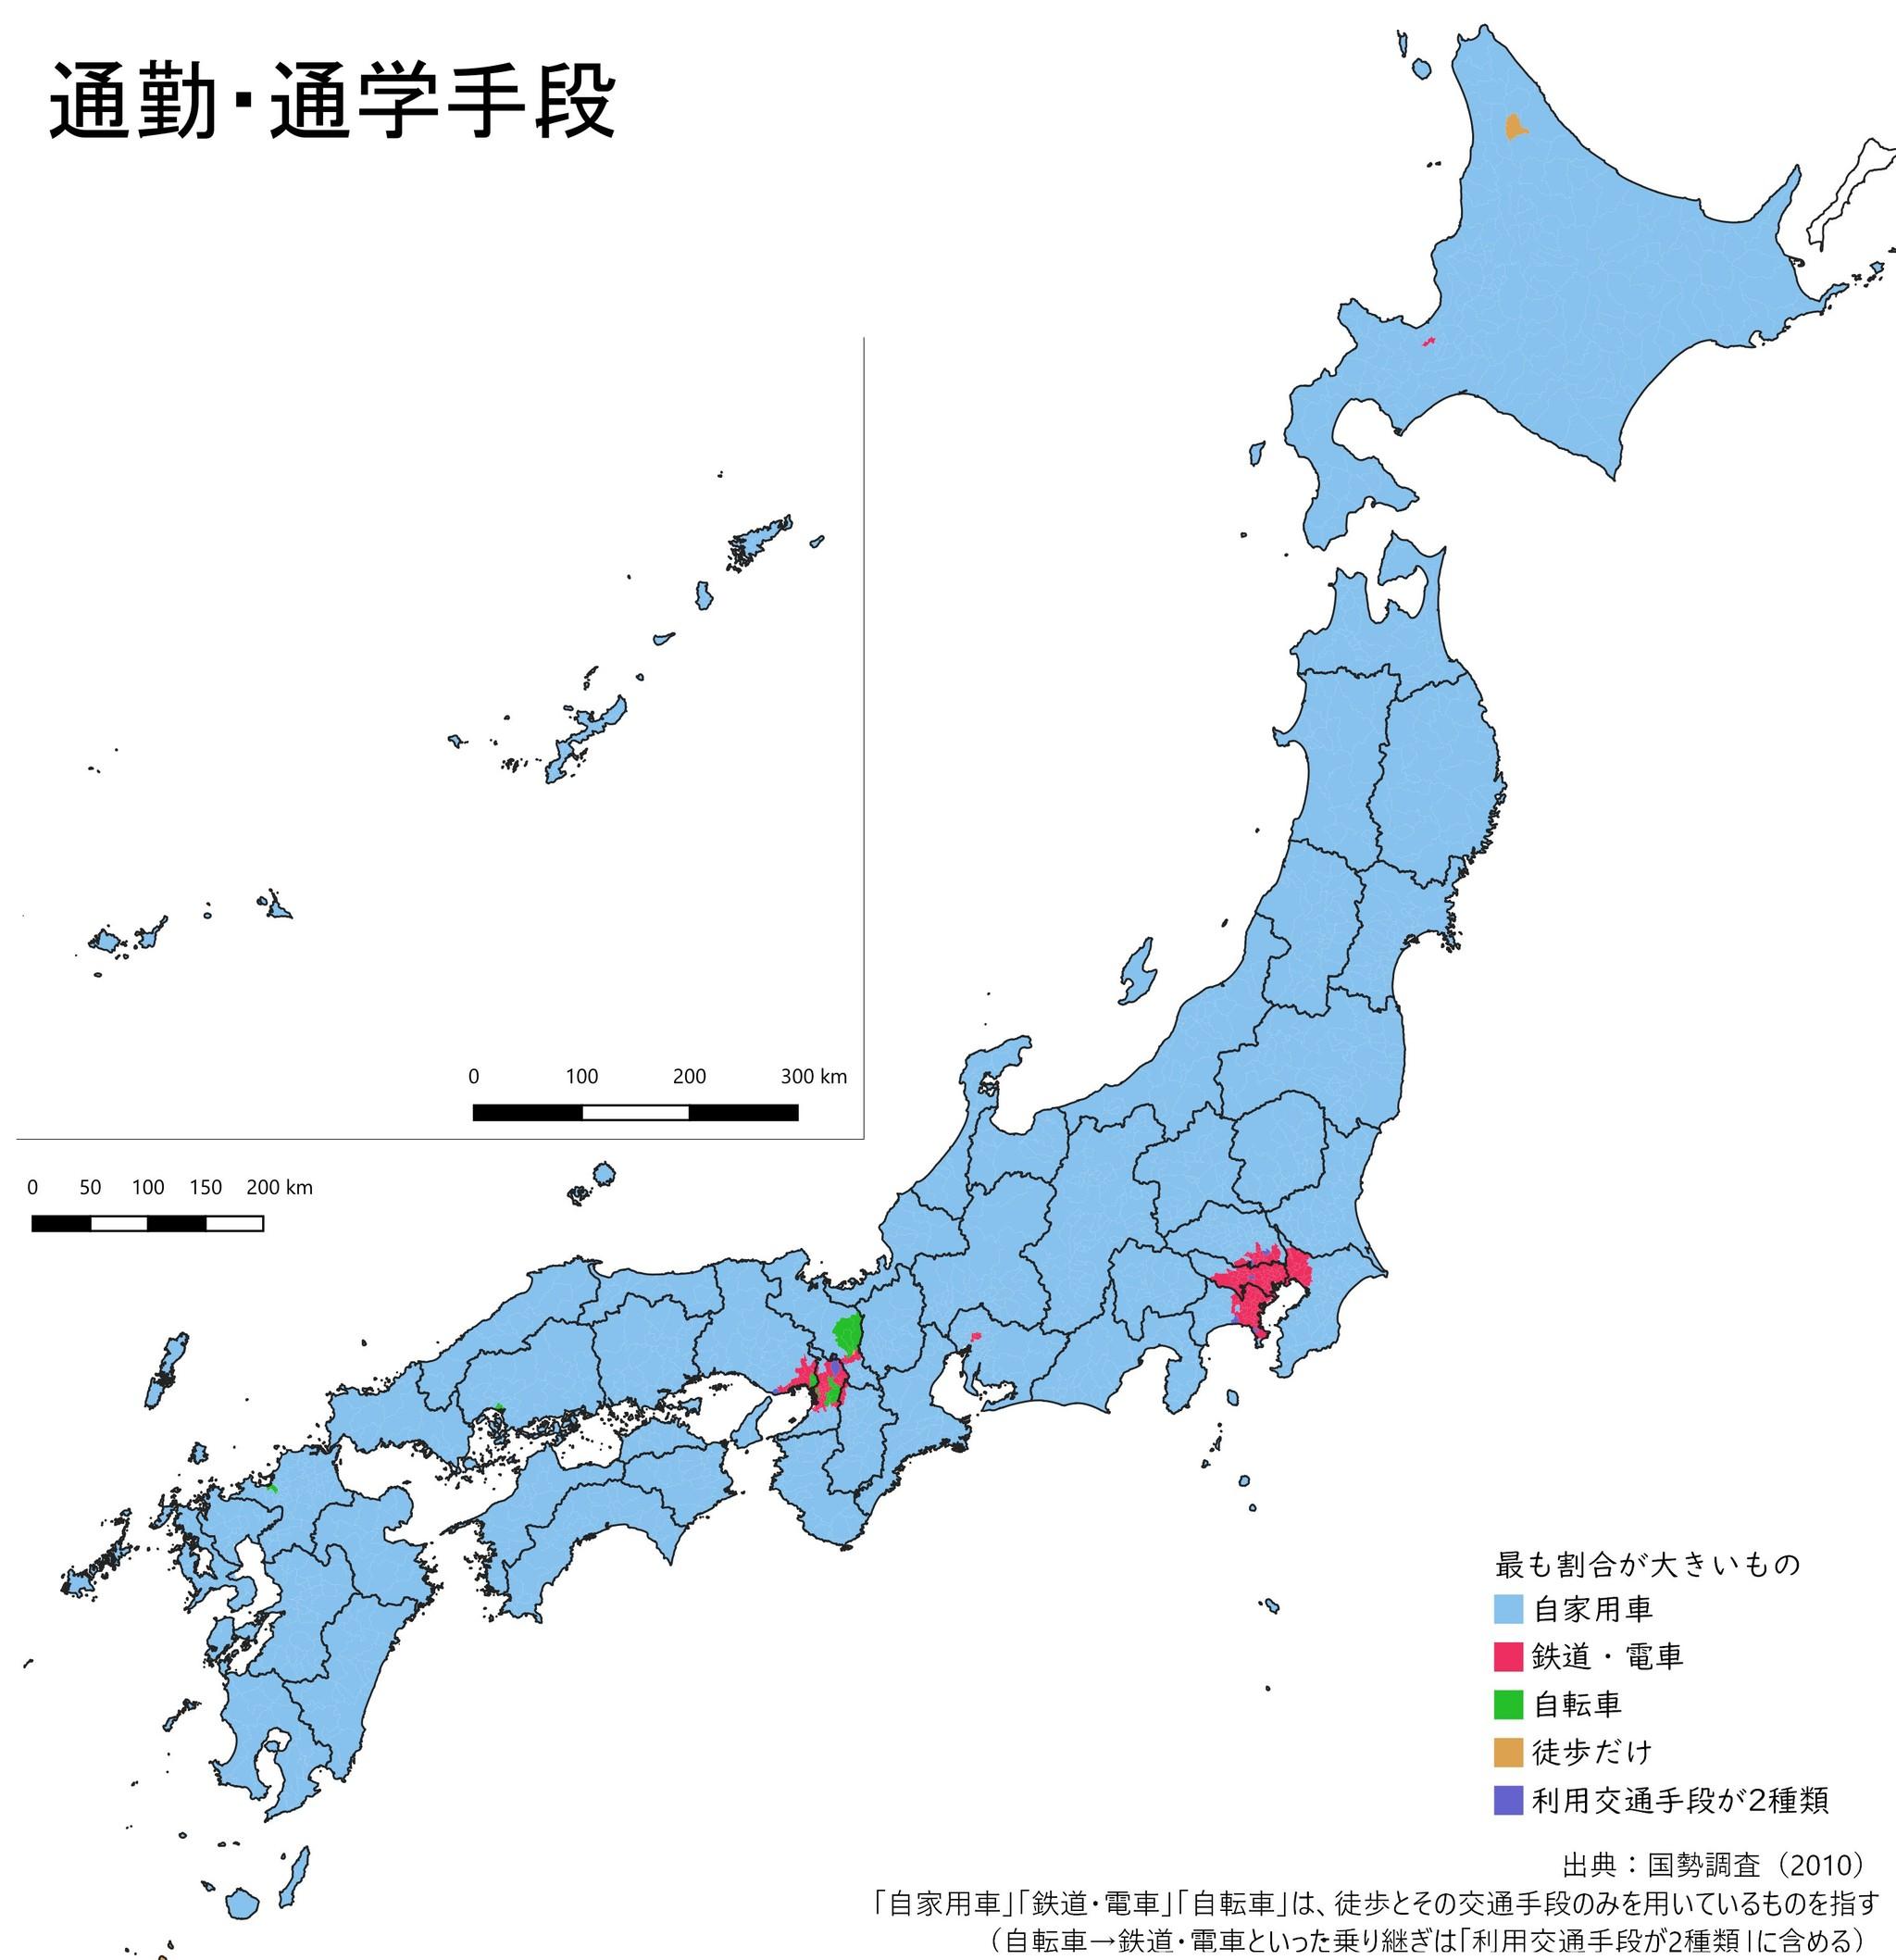 通勤・通学に電車を使っている地域はごく一部? 日本各地の「主な交通手段」を視覚化した地図が話題に まいどなニュース